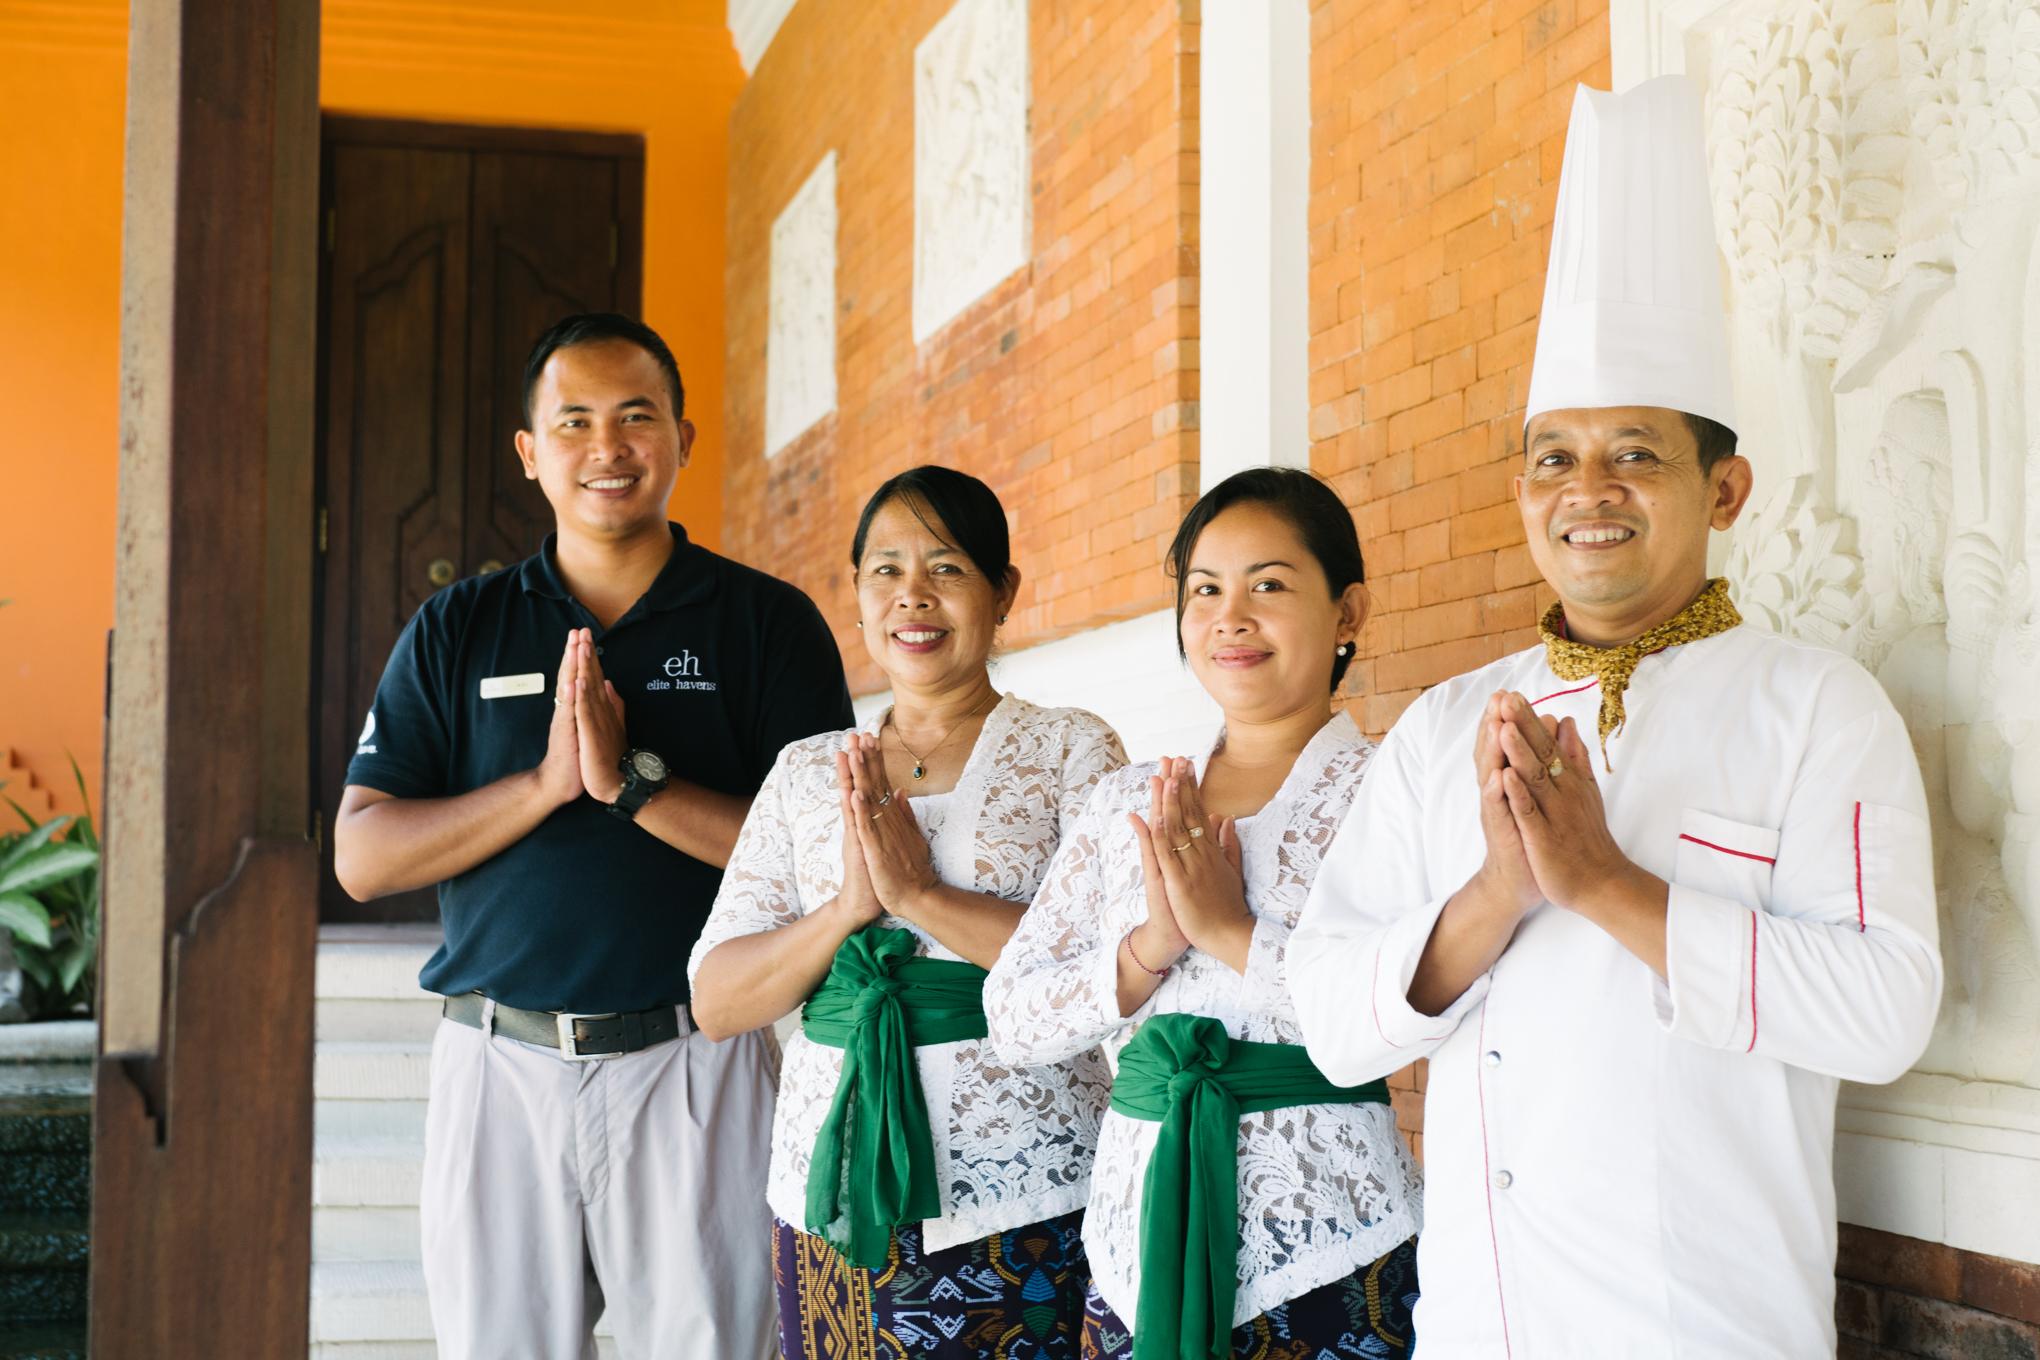 Bali villa staff